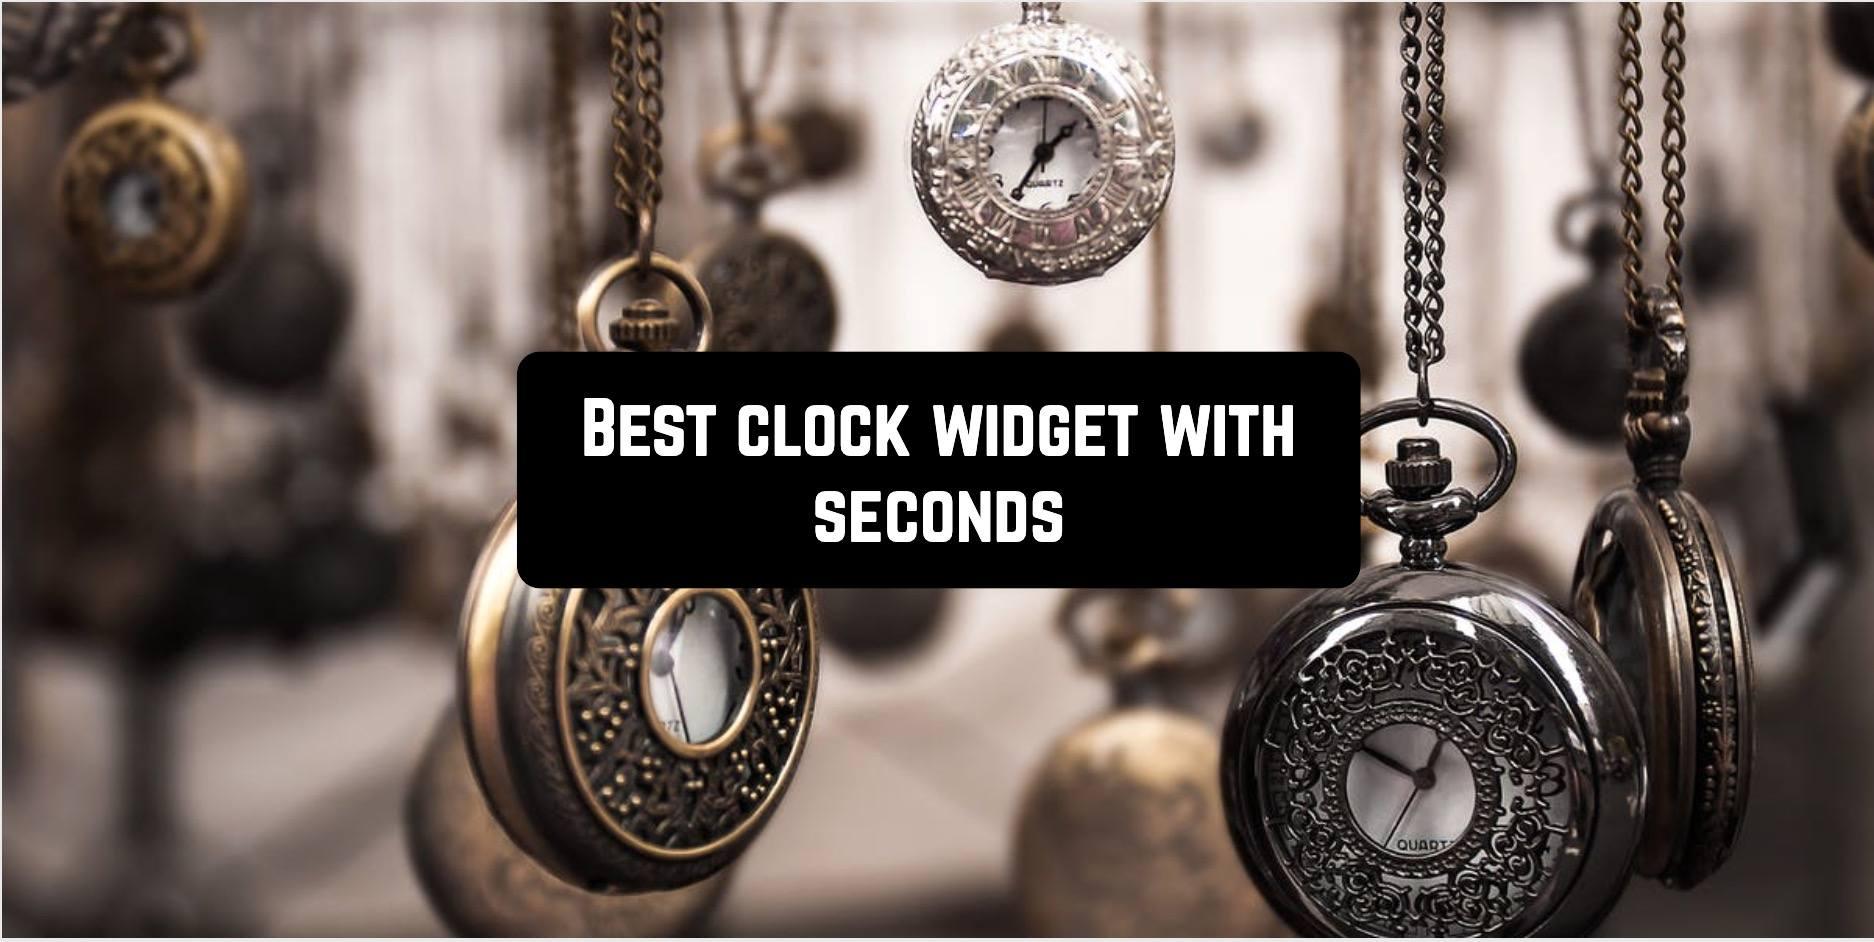 Best clock widget with seconds